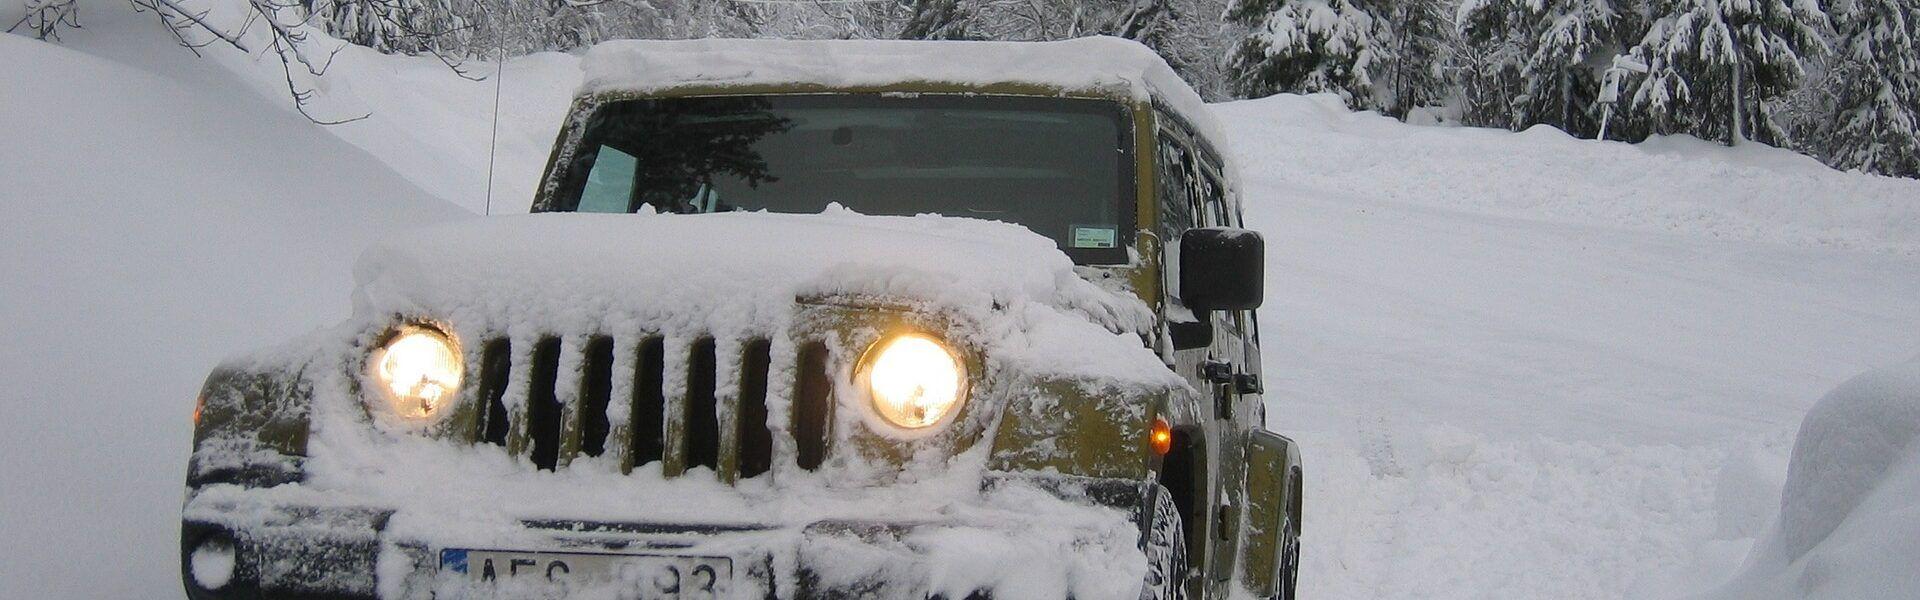 baca-tablas-snow-vehiculos